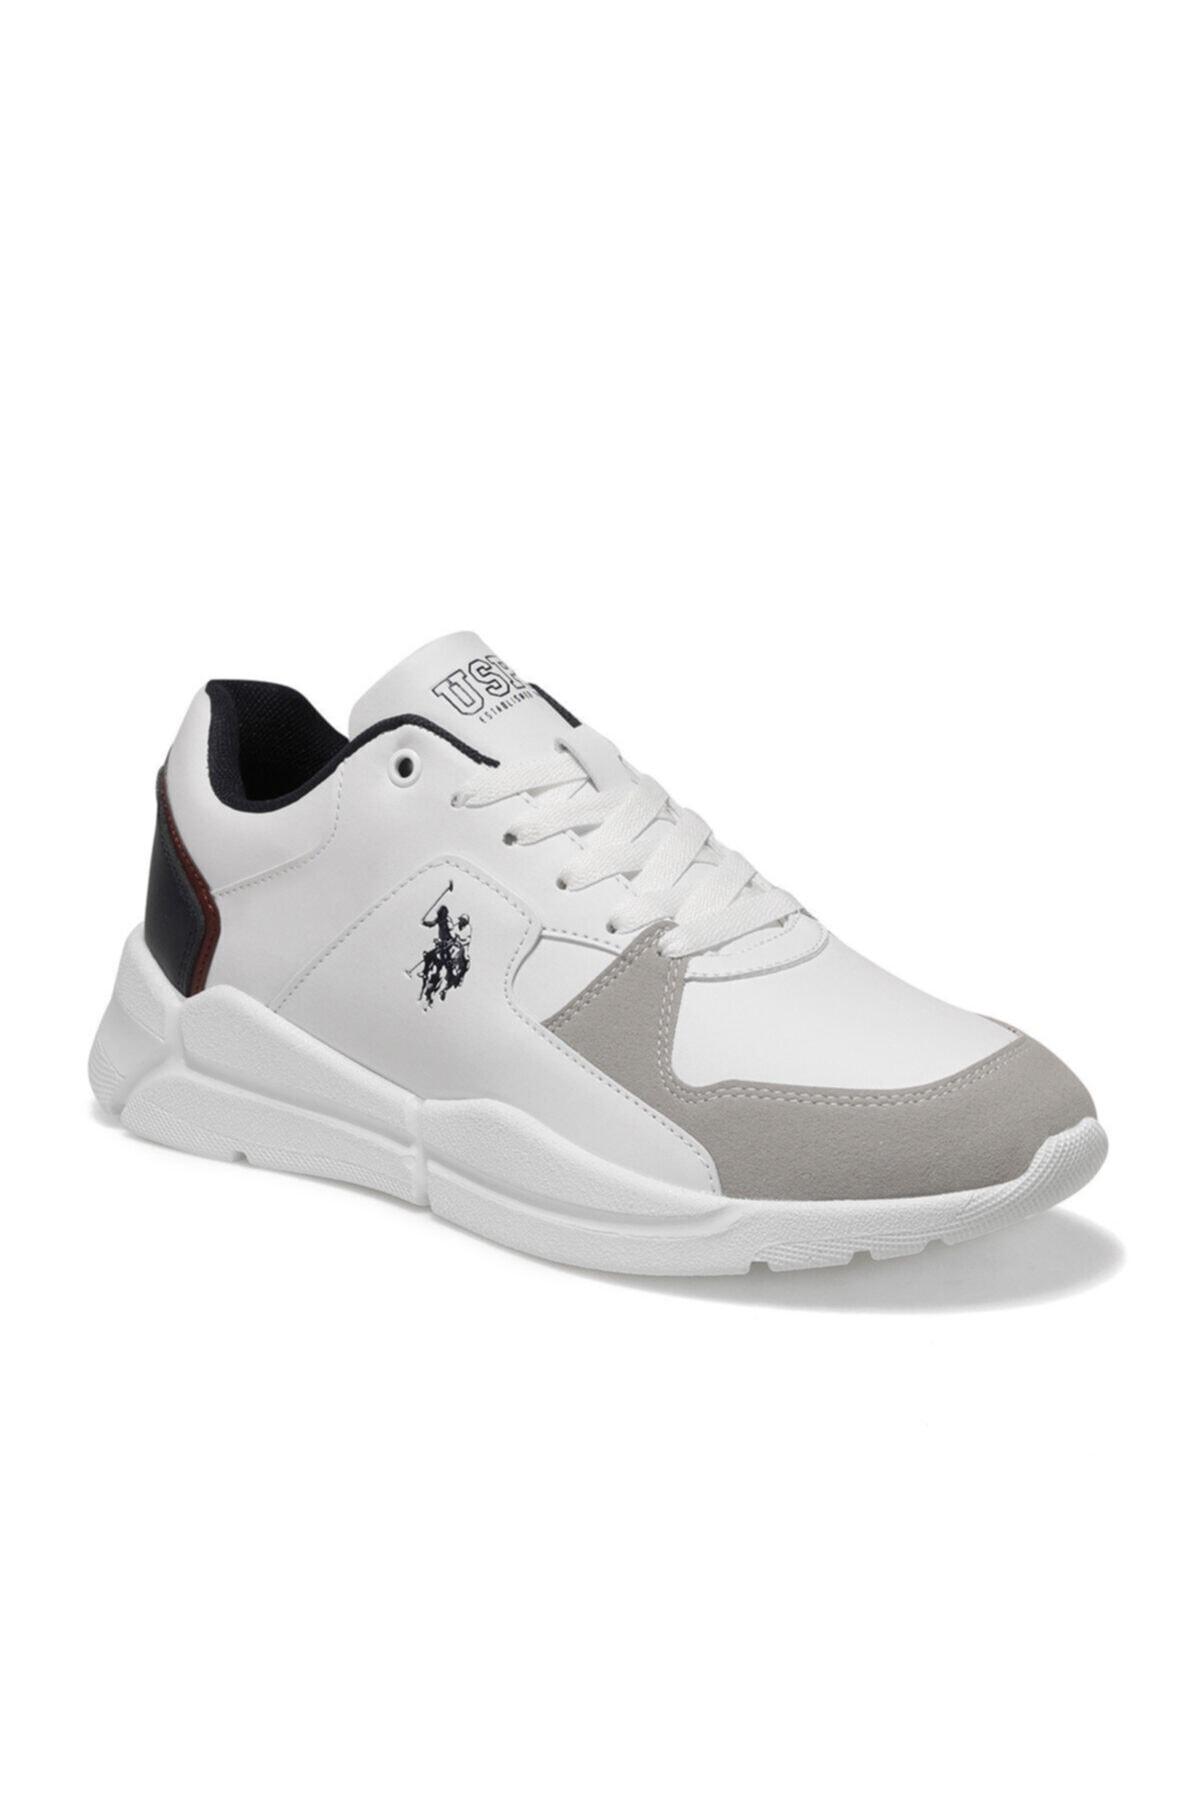 U.S. Polo Assn. CALABRIA Beyaz Erkek Sneaker Ayakkabı 100548881 1